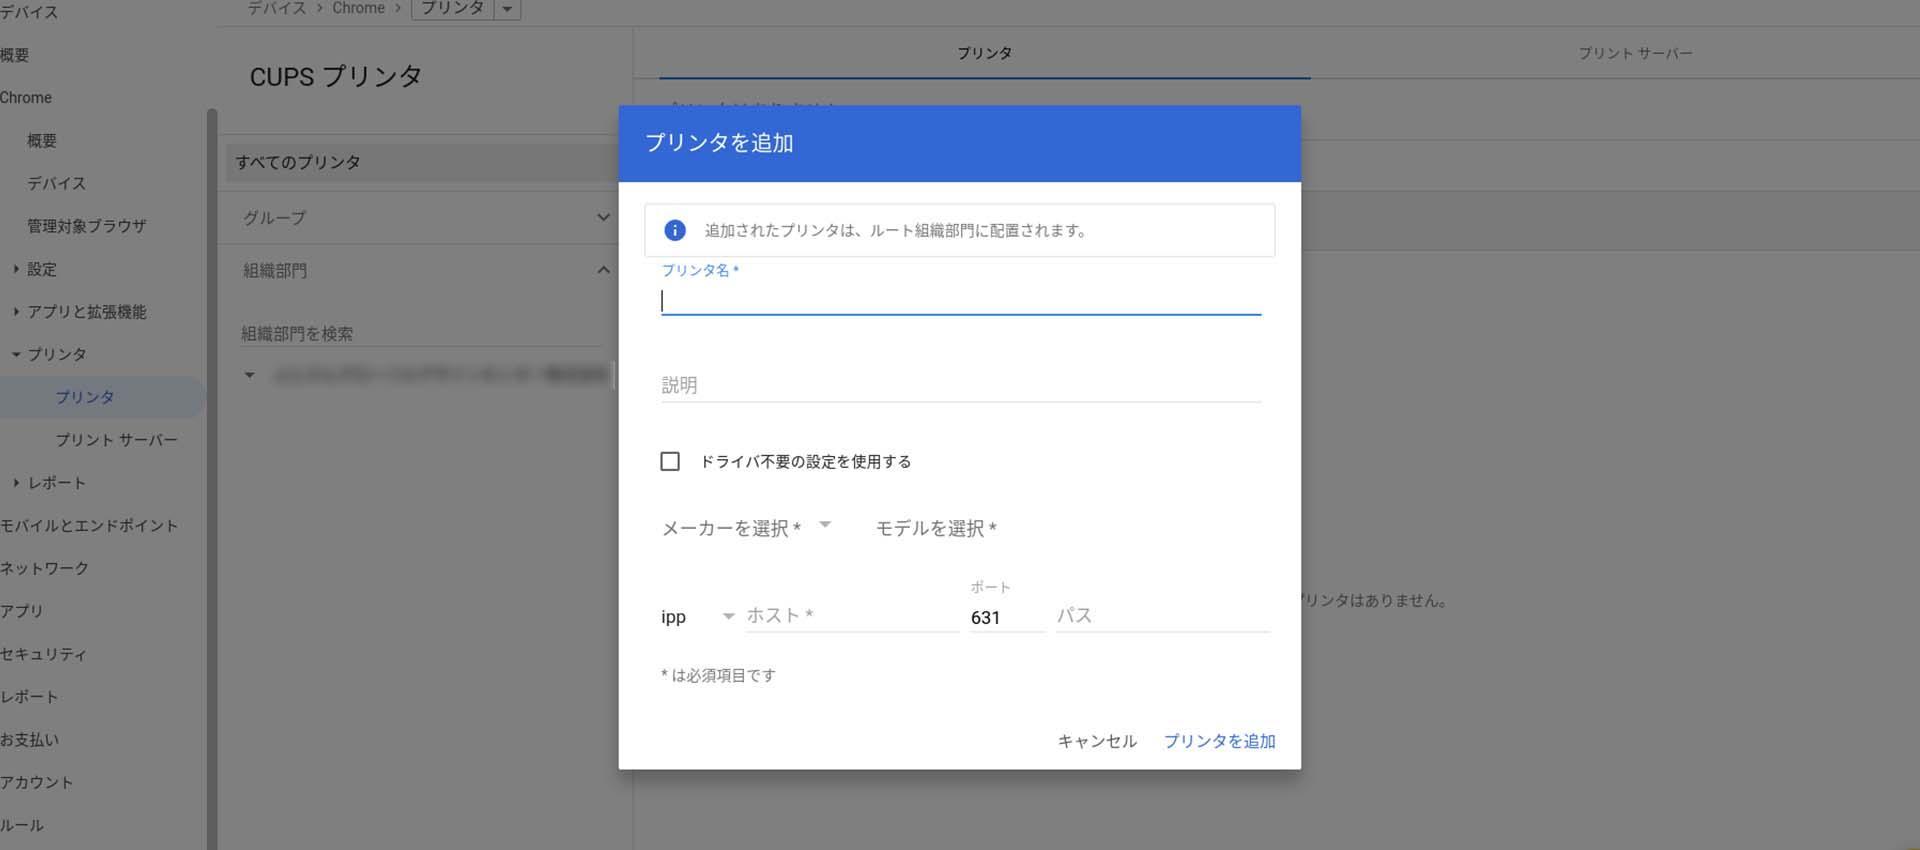 組織で使う Chrome OS のメリット、デメリットとは07